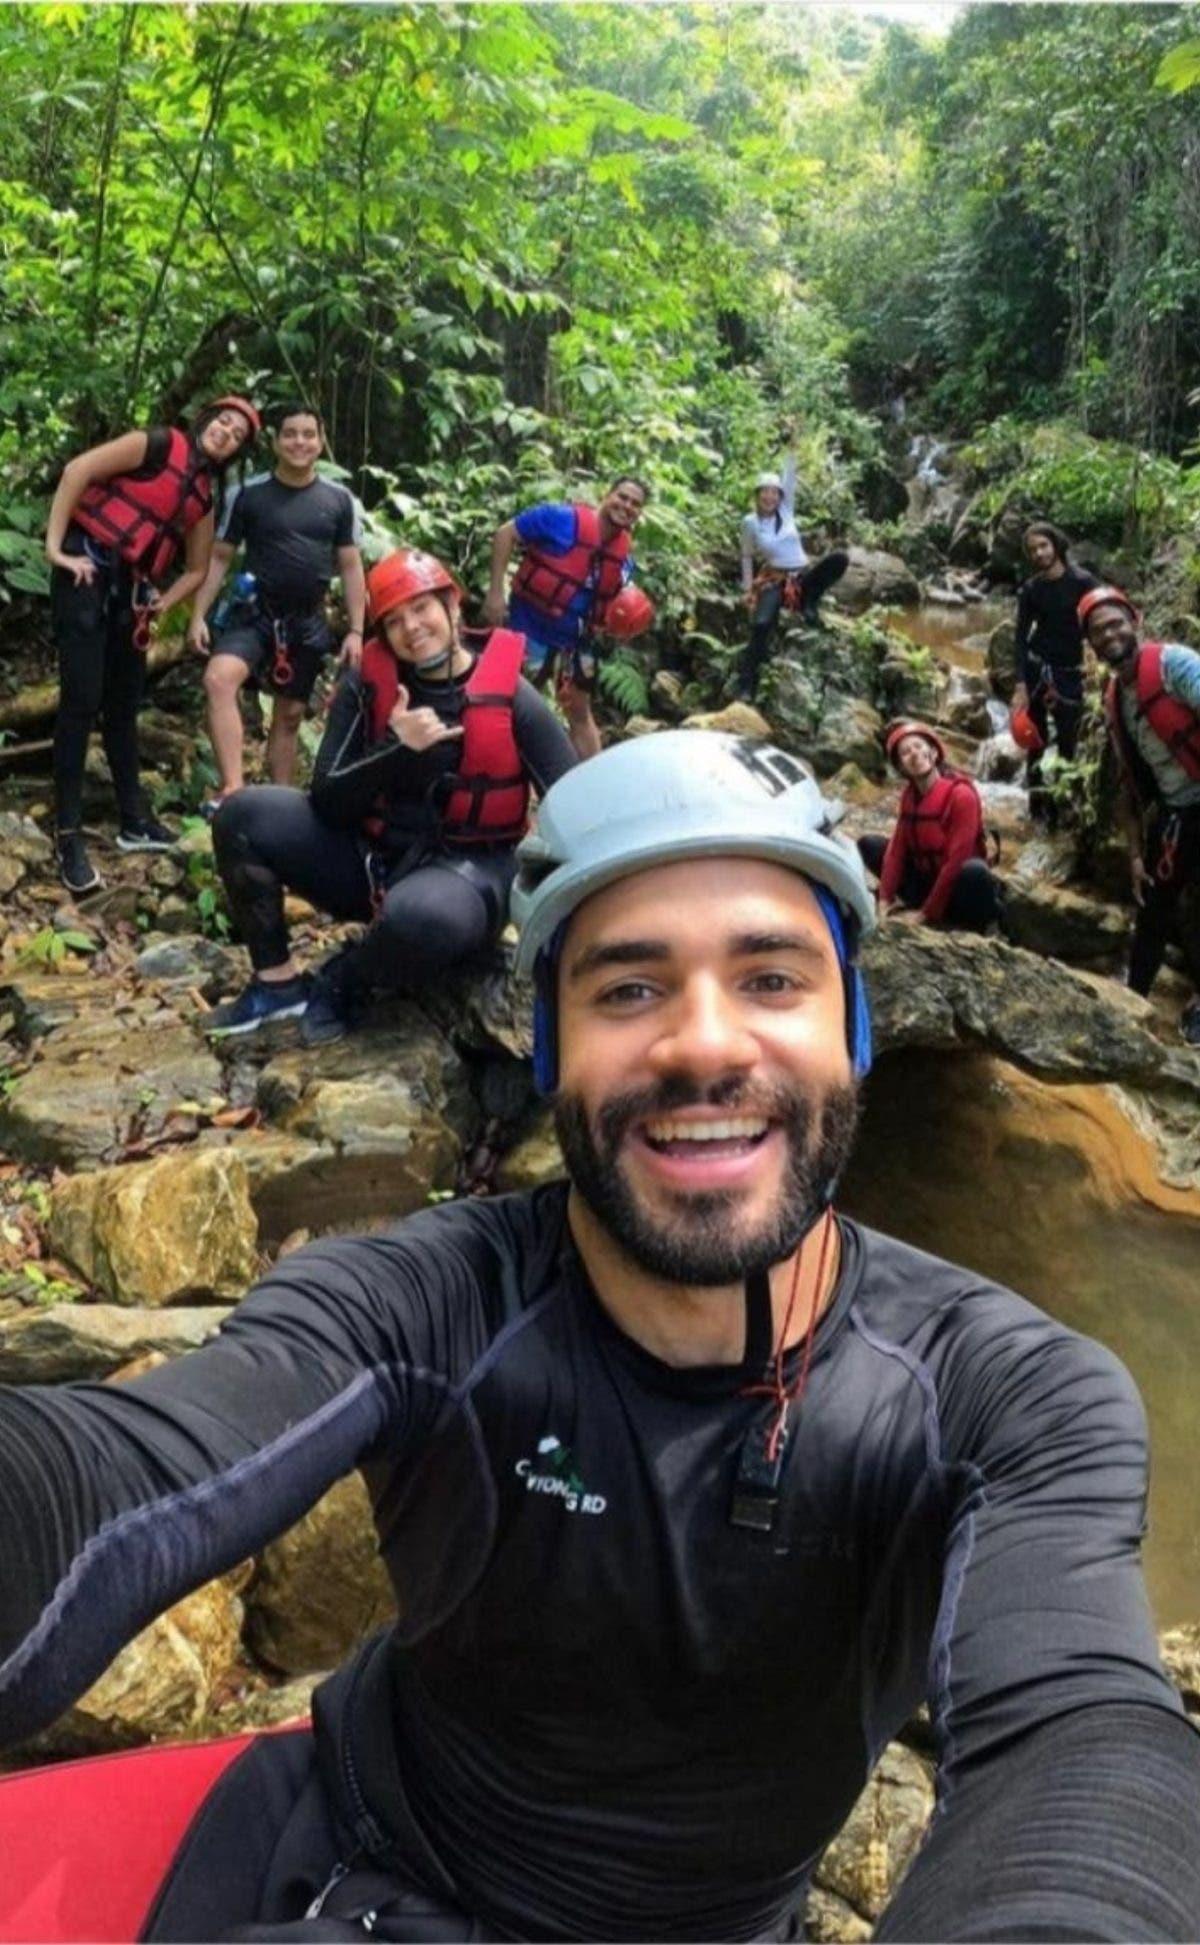 'Nateevos' una plataforma digital para destacar el turismo sostenible